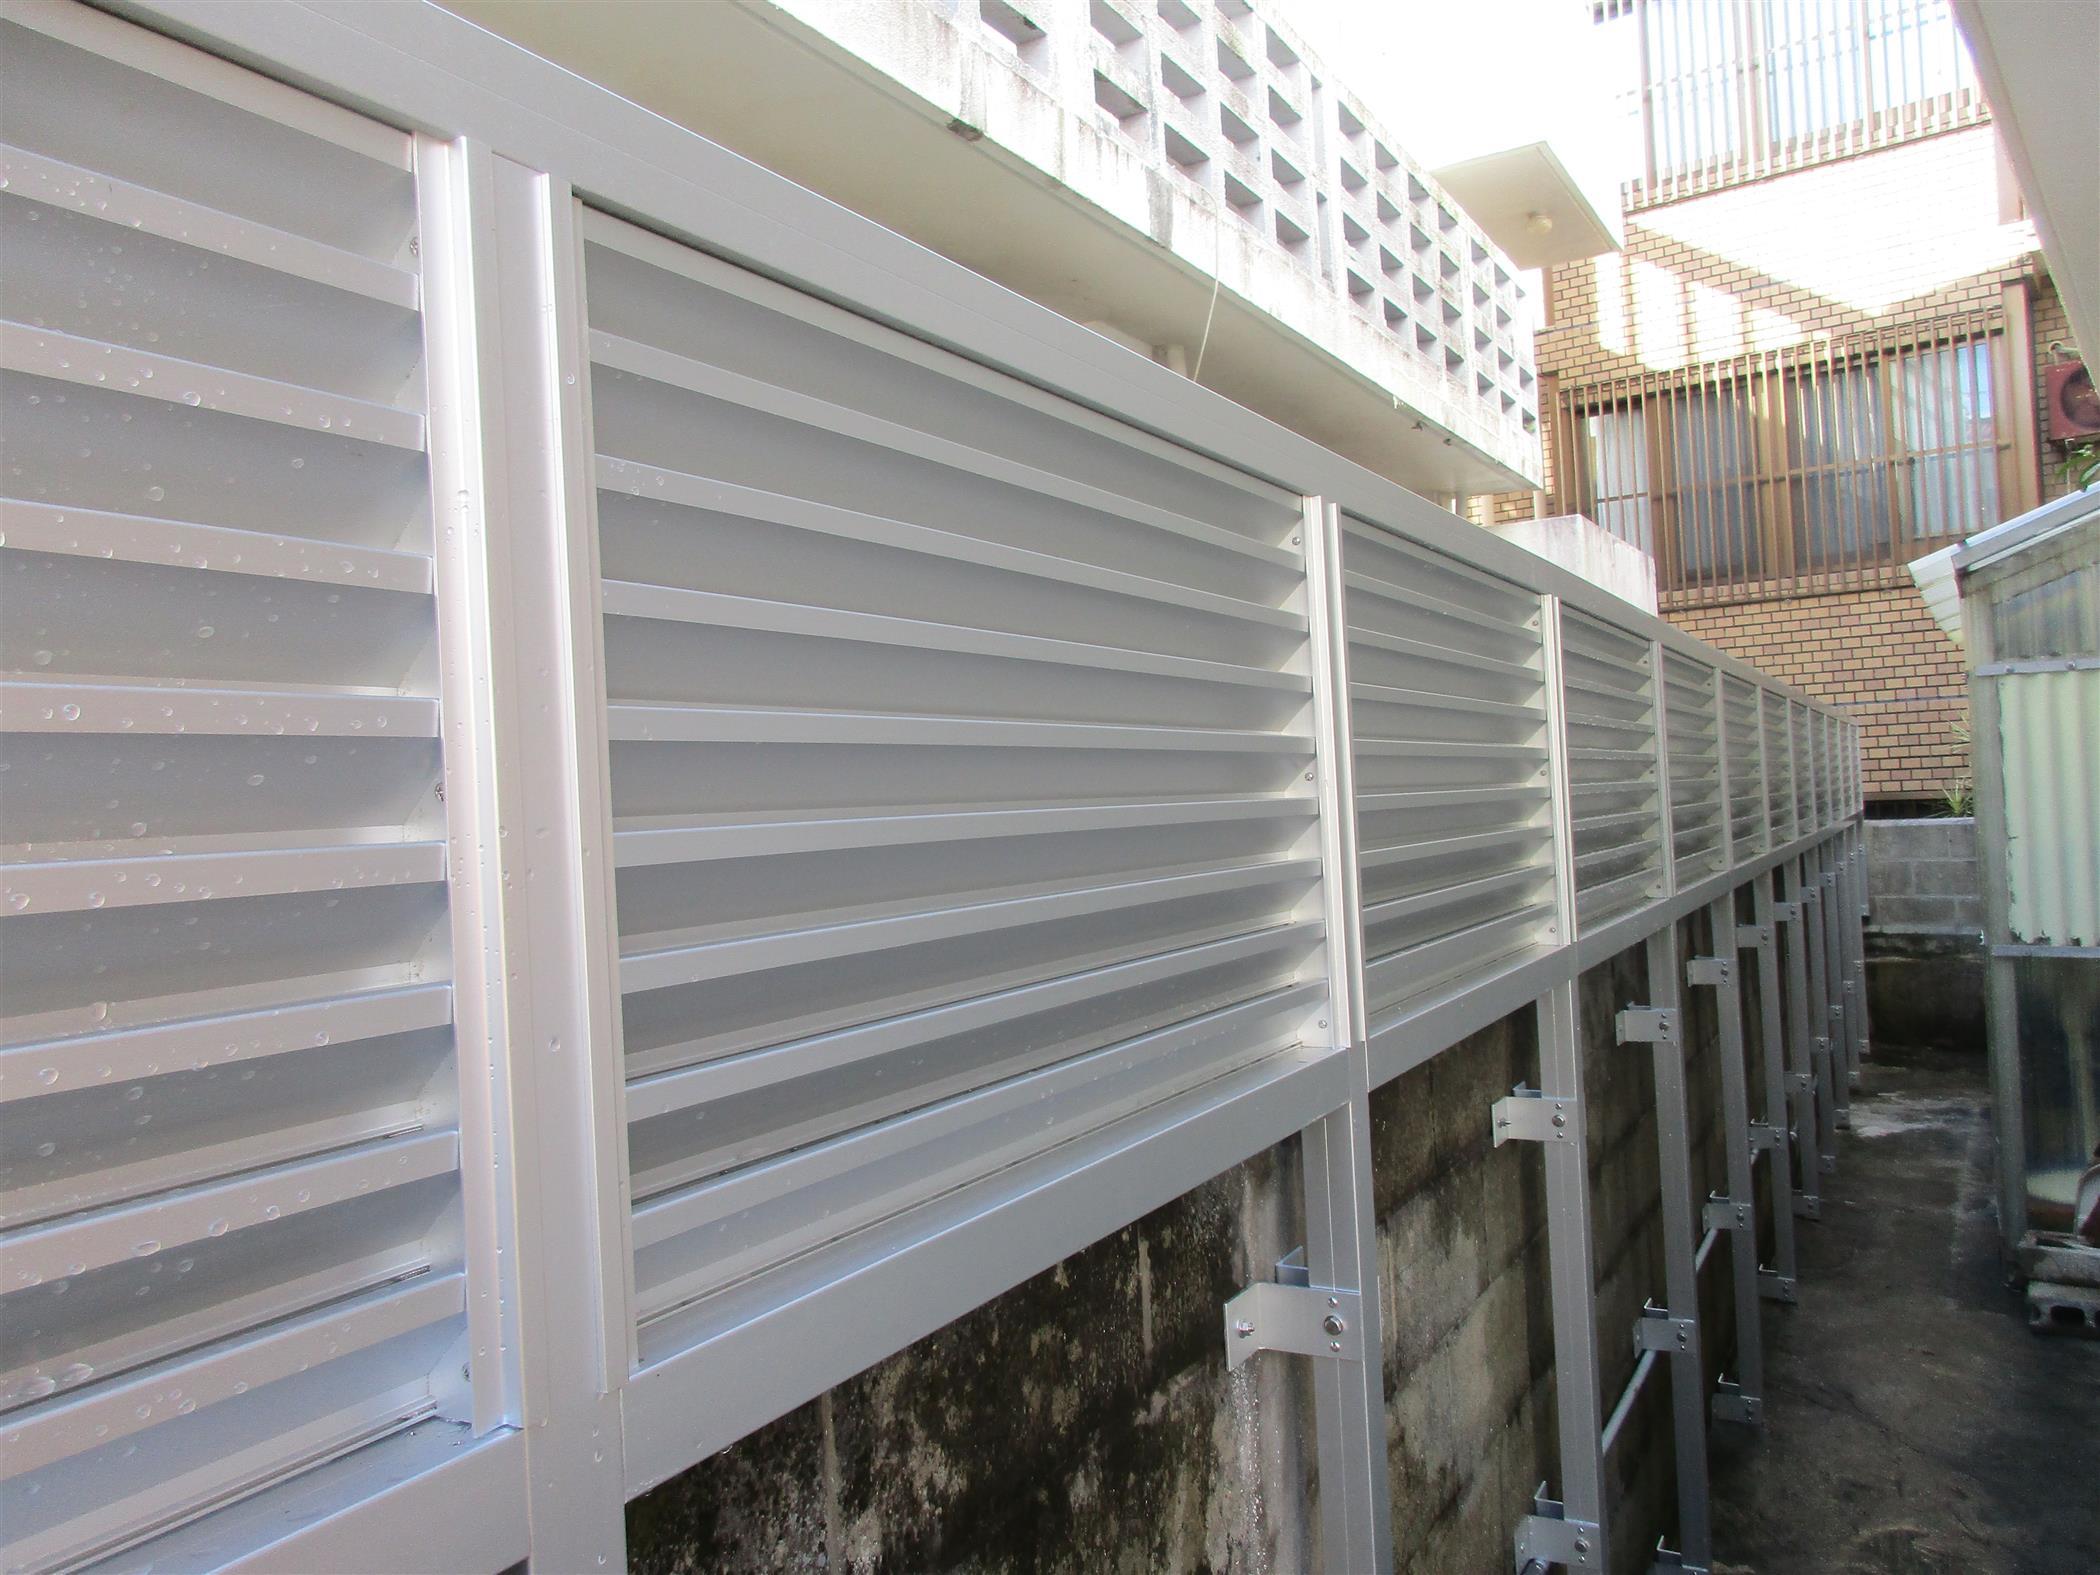 目隠しフェンス(リフォーム施工事例)を公開しました。 | 沖縄や那覇でリフォームするなら【株式会社 あうん工房】